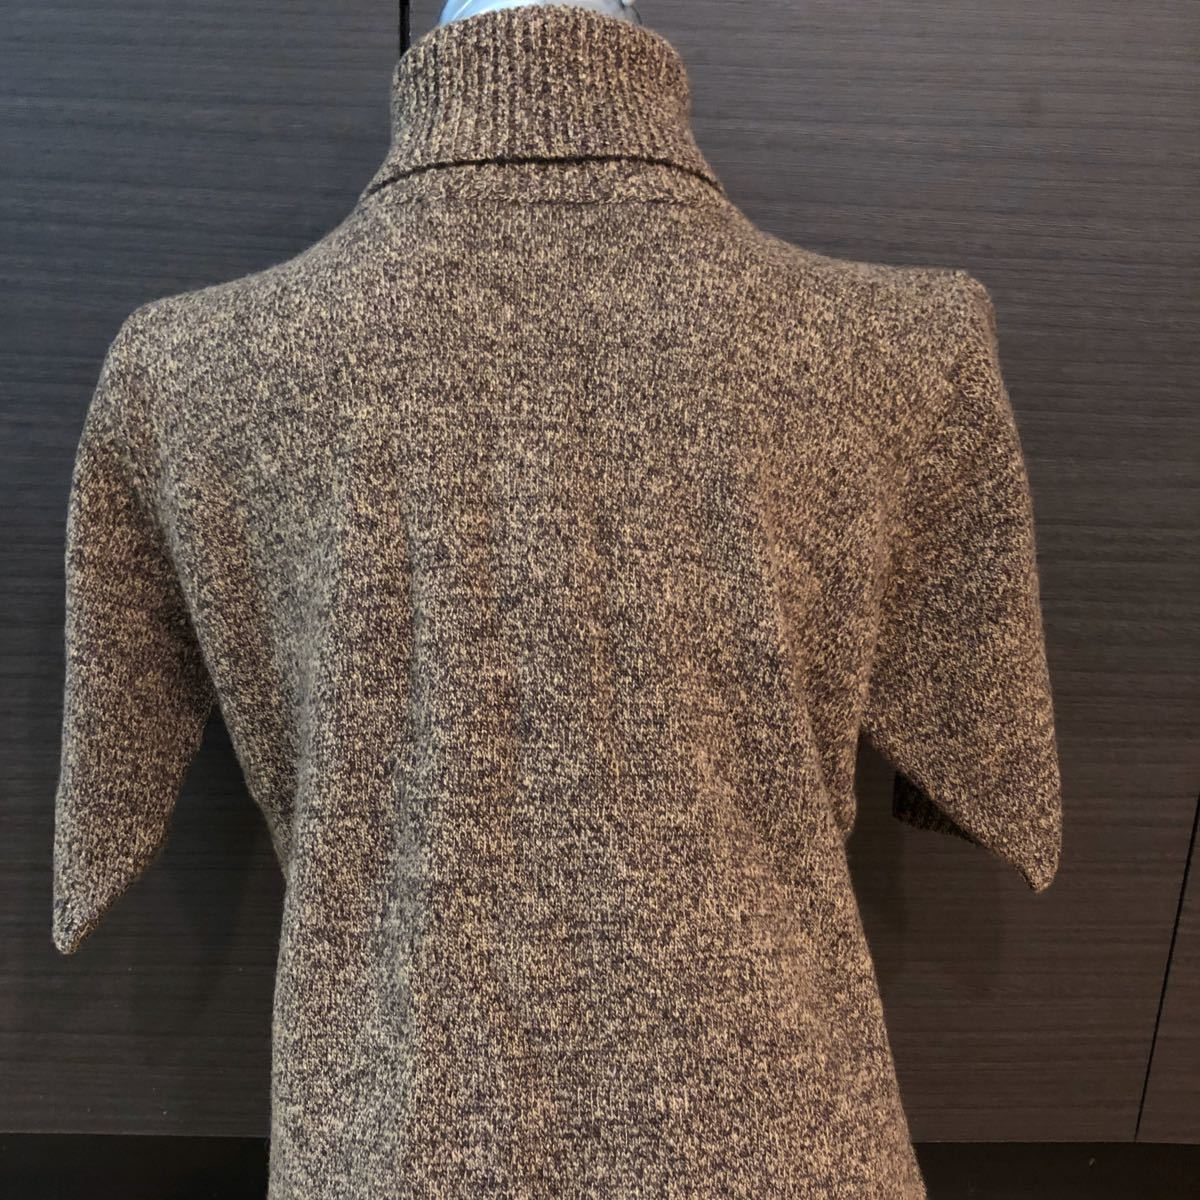 半袖ニット★LLサイズ★茶色★毛100%★ハイネック★セーター